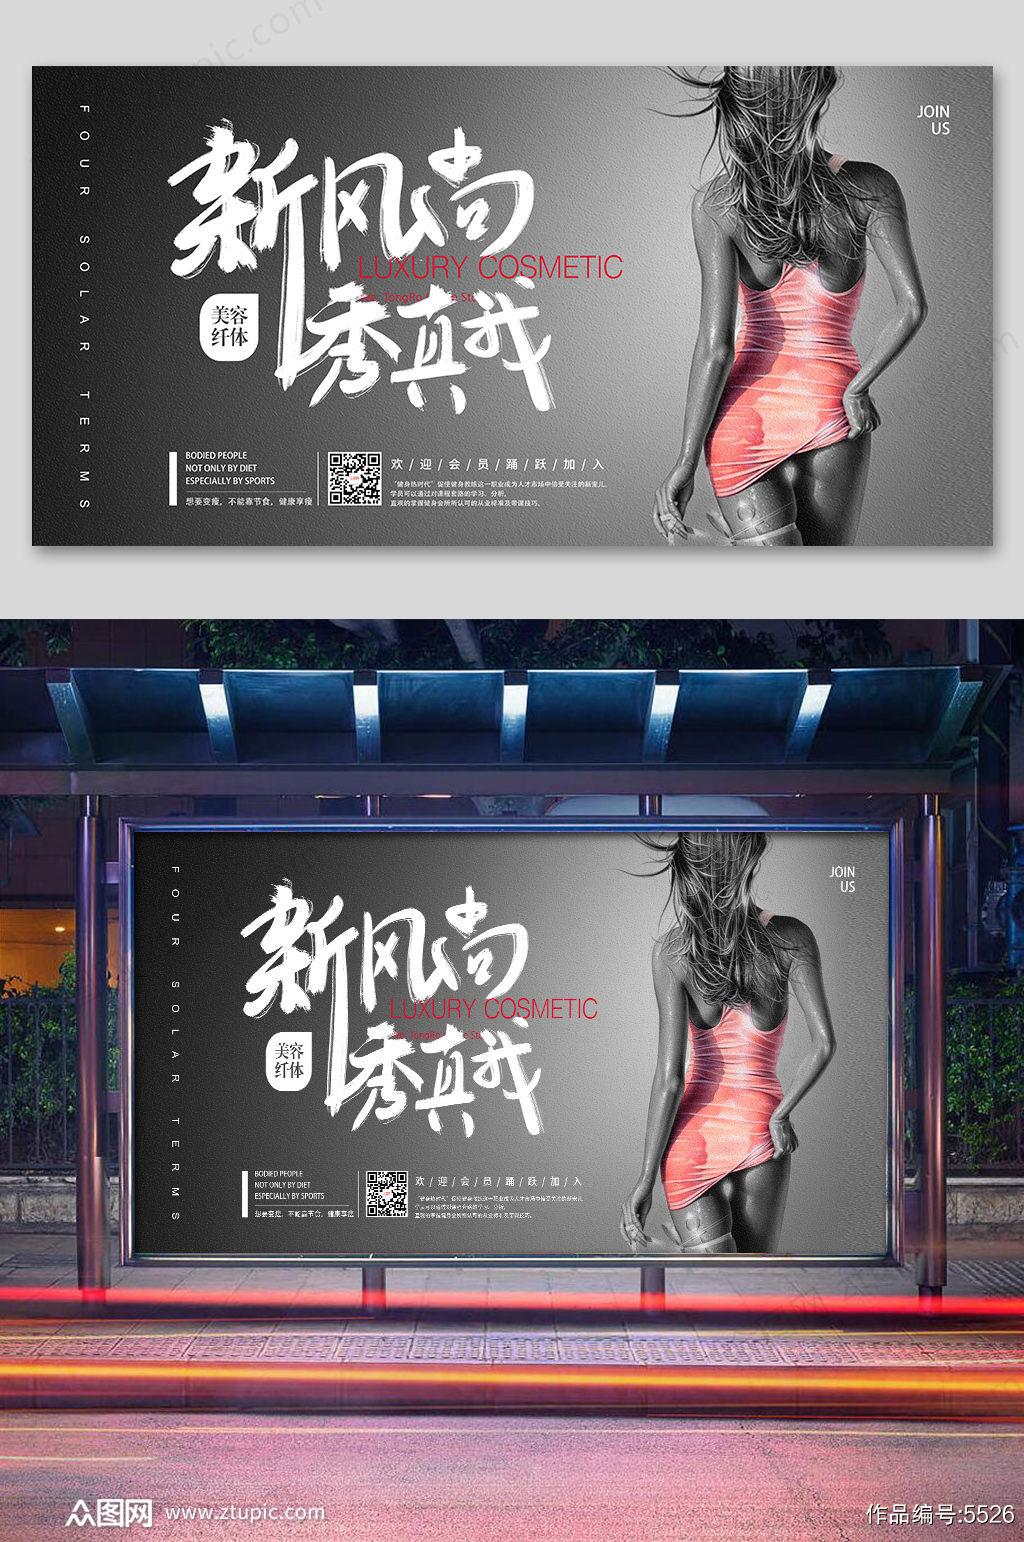 美容美体整形海报设计素材